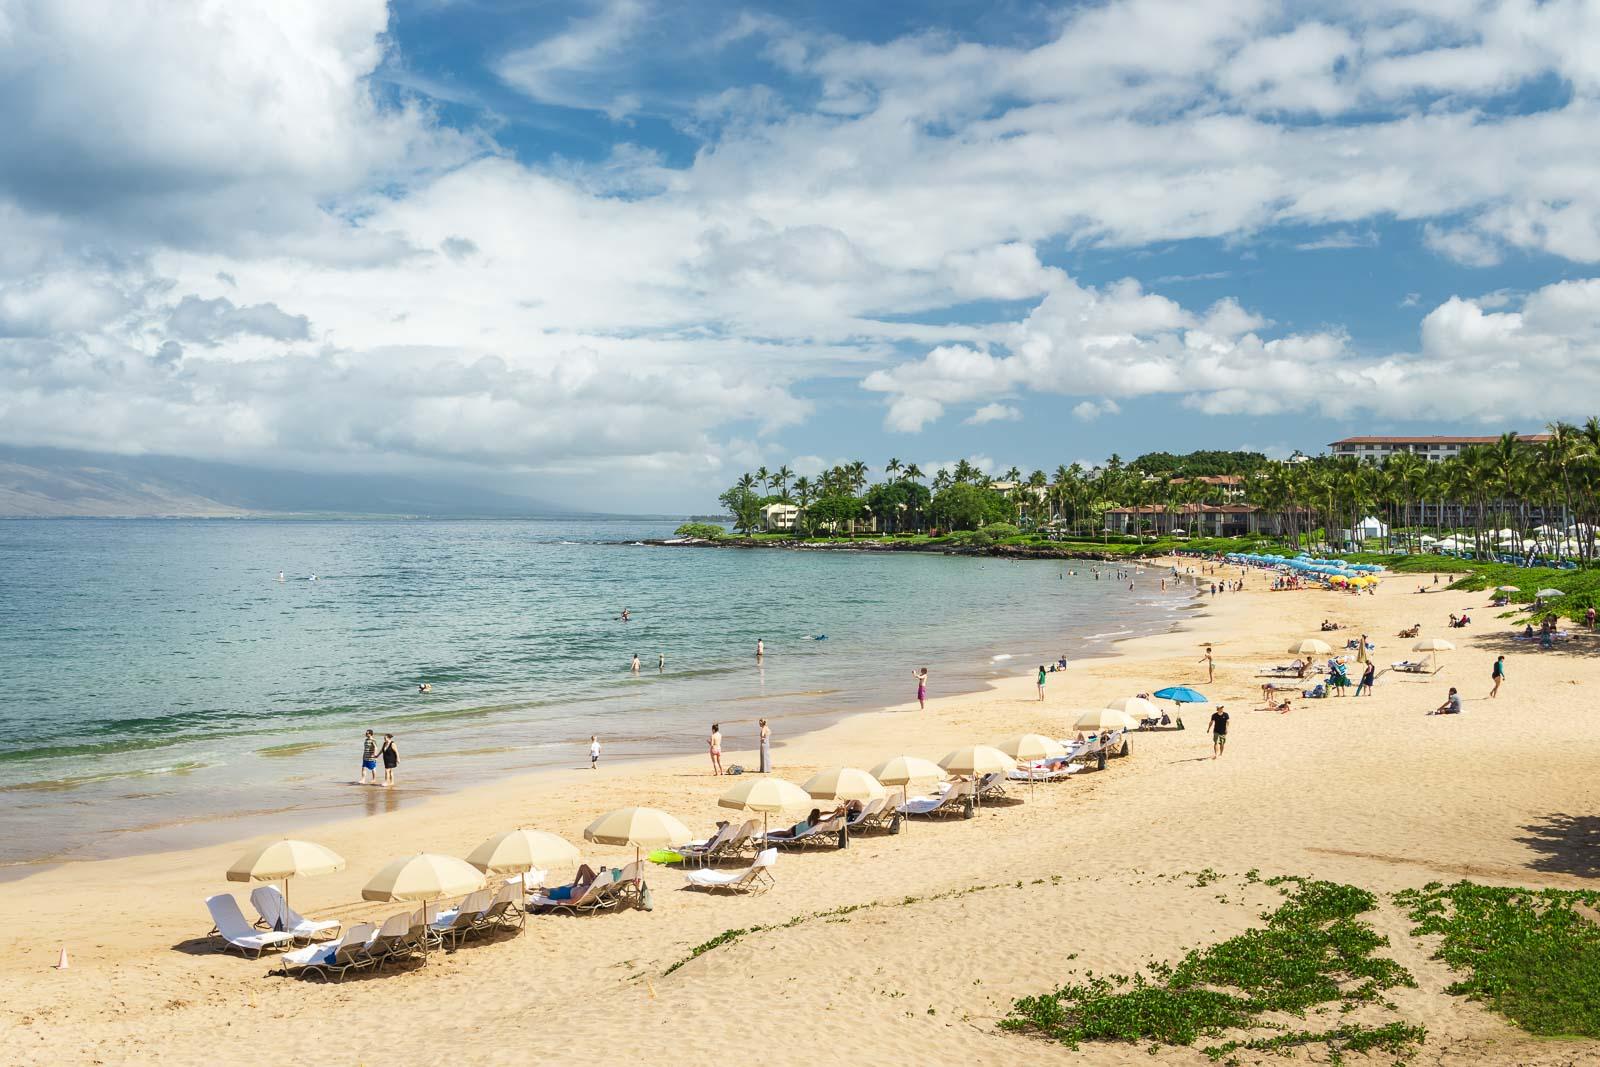 Hawaii is growing fast